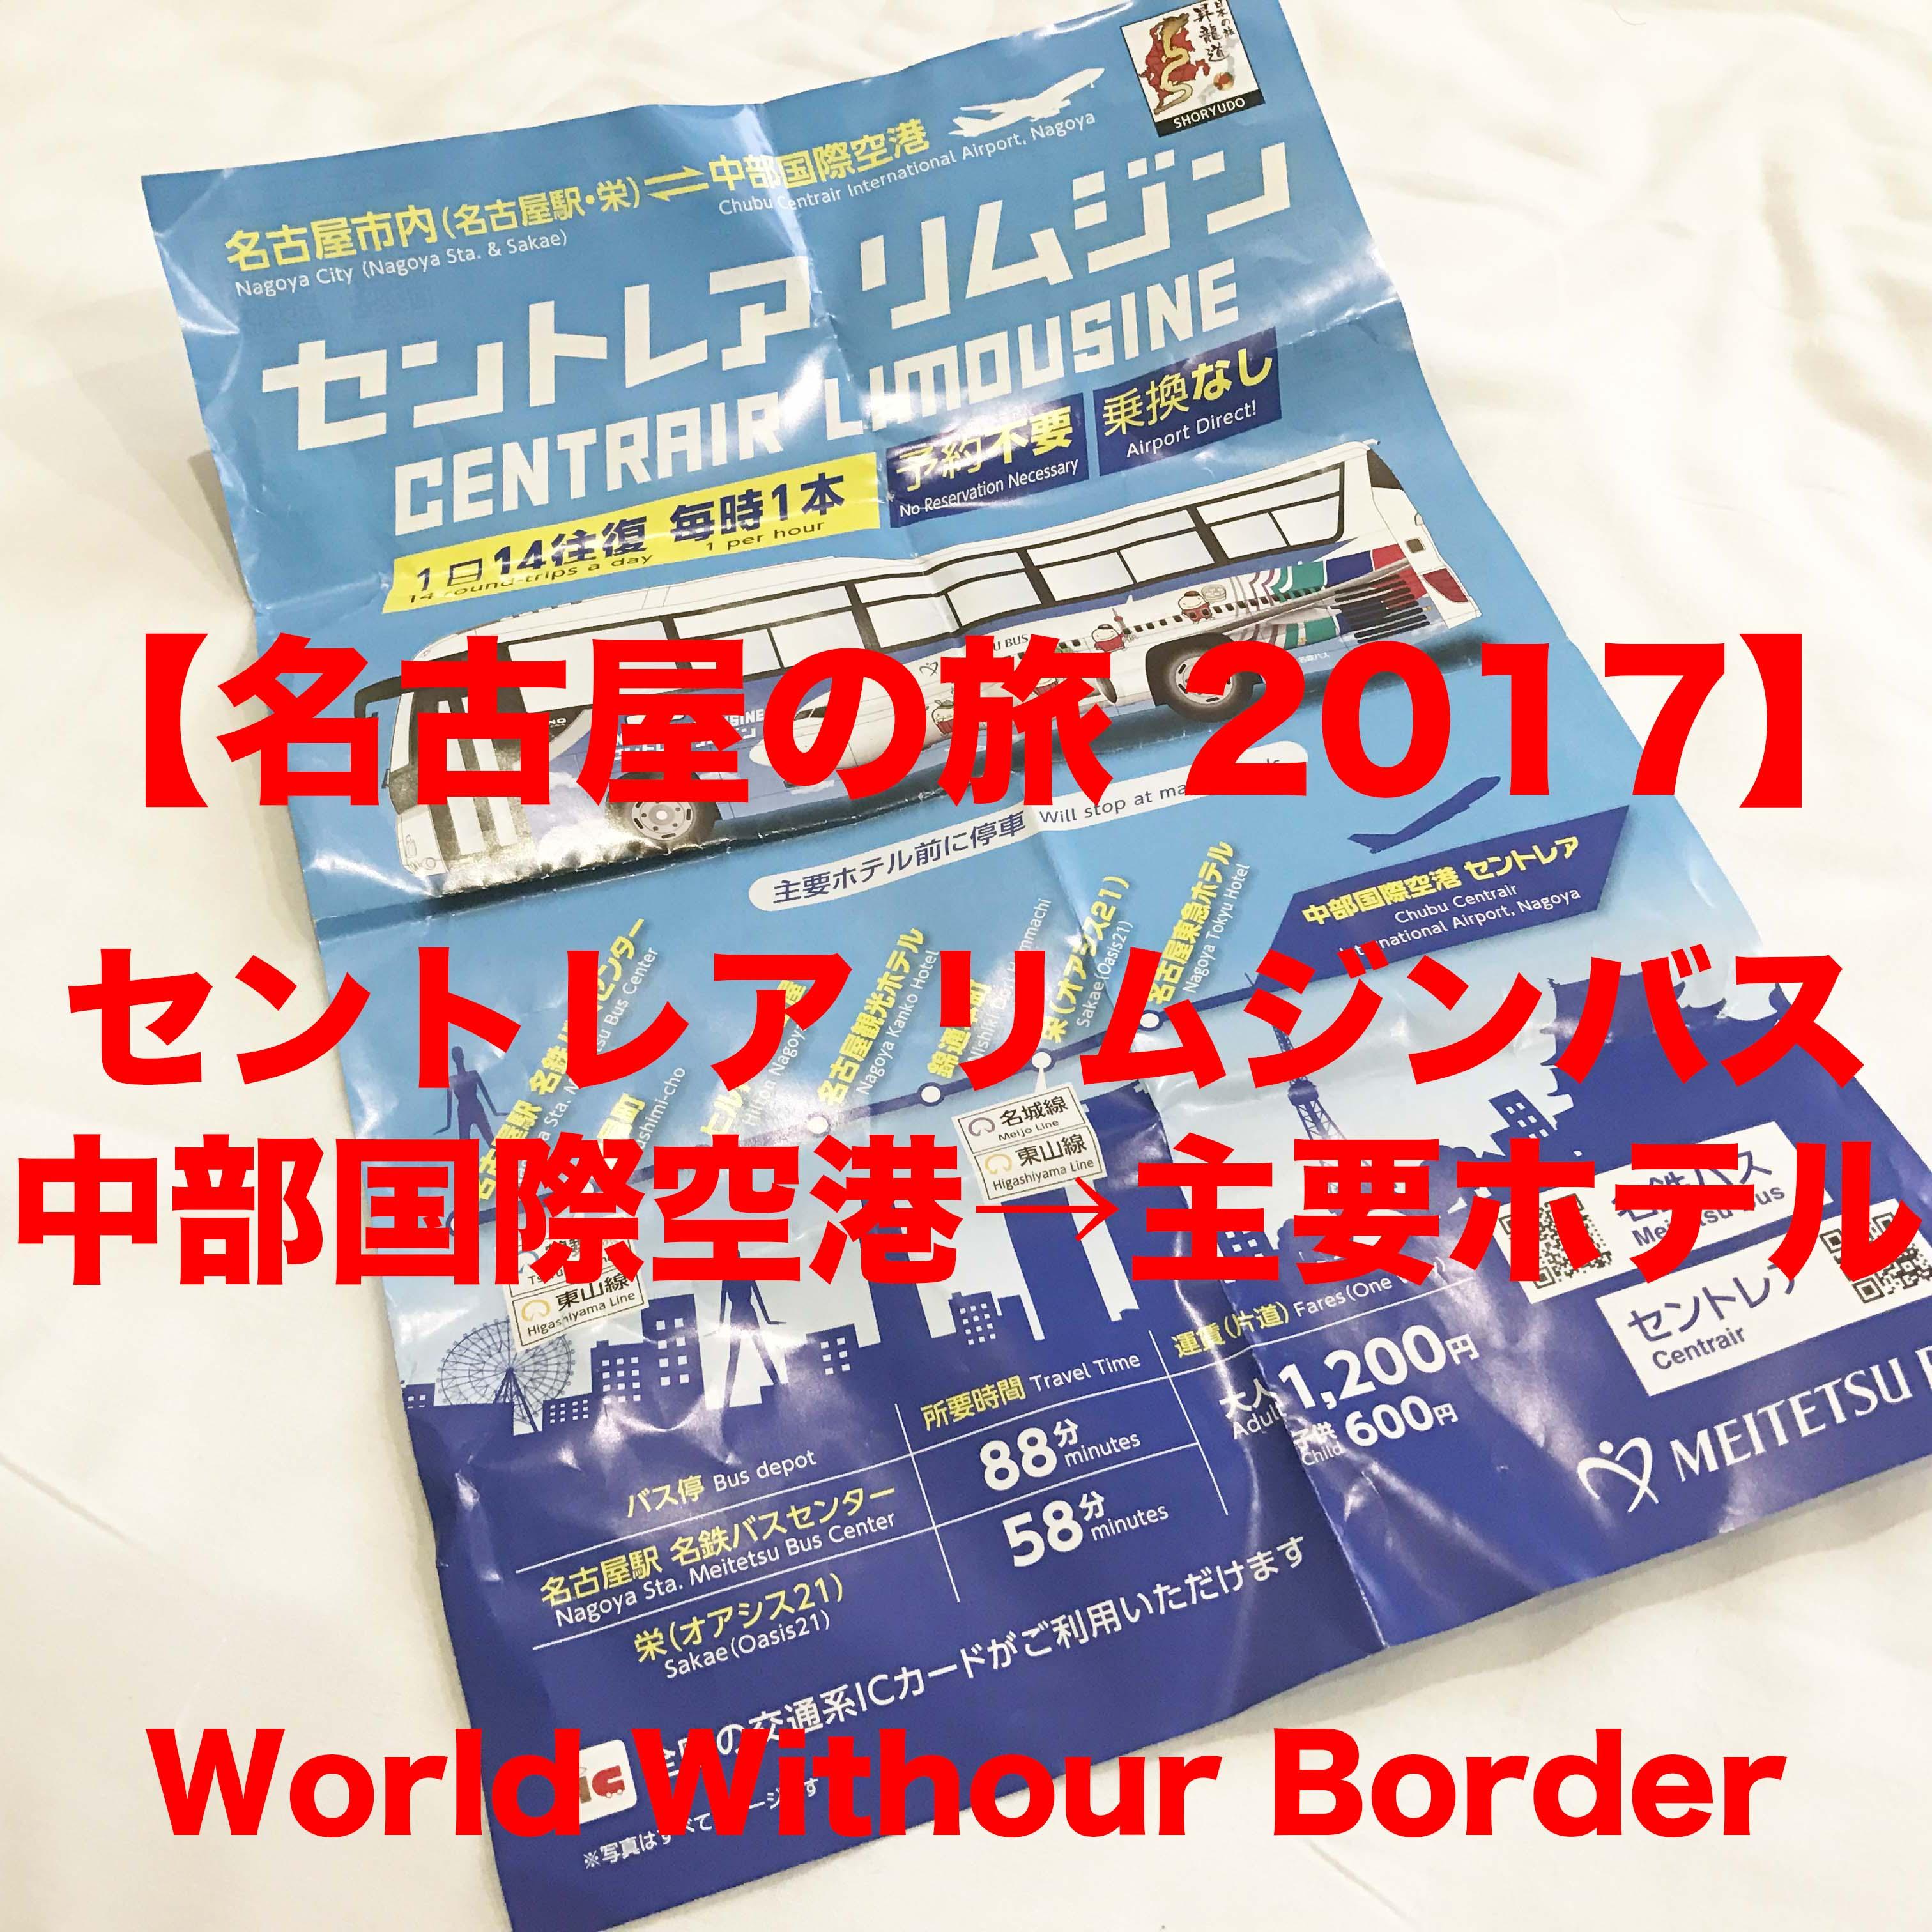 【名古屋の旅 2017】中部国際空港セントレアから名古屋市内のホテルへは空港リムジンバスが良し